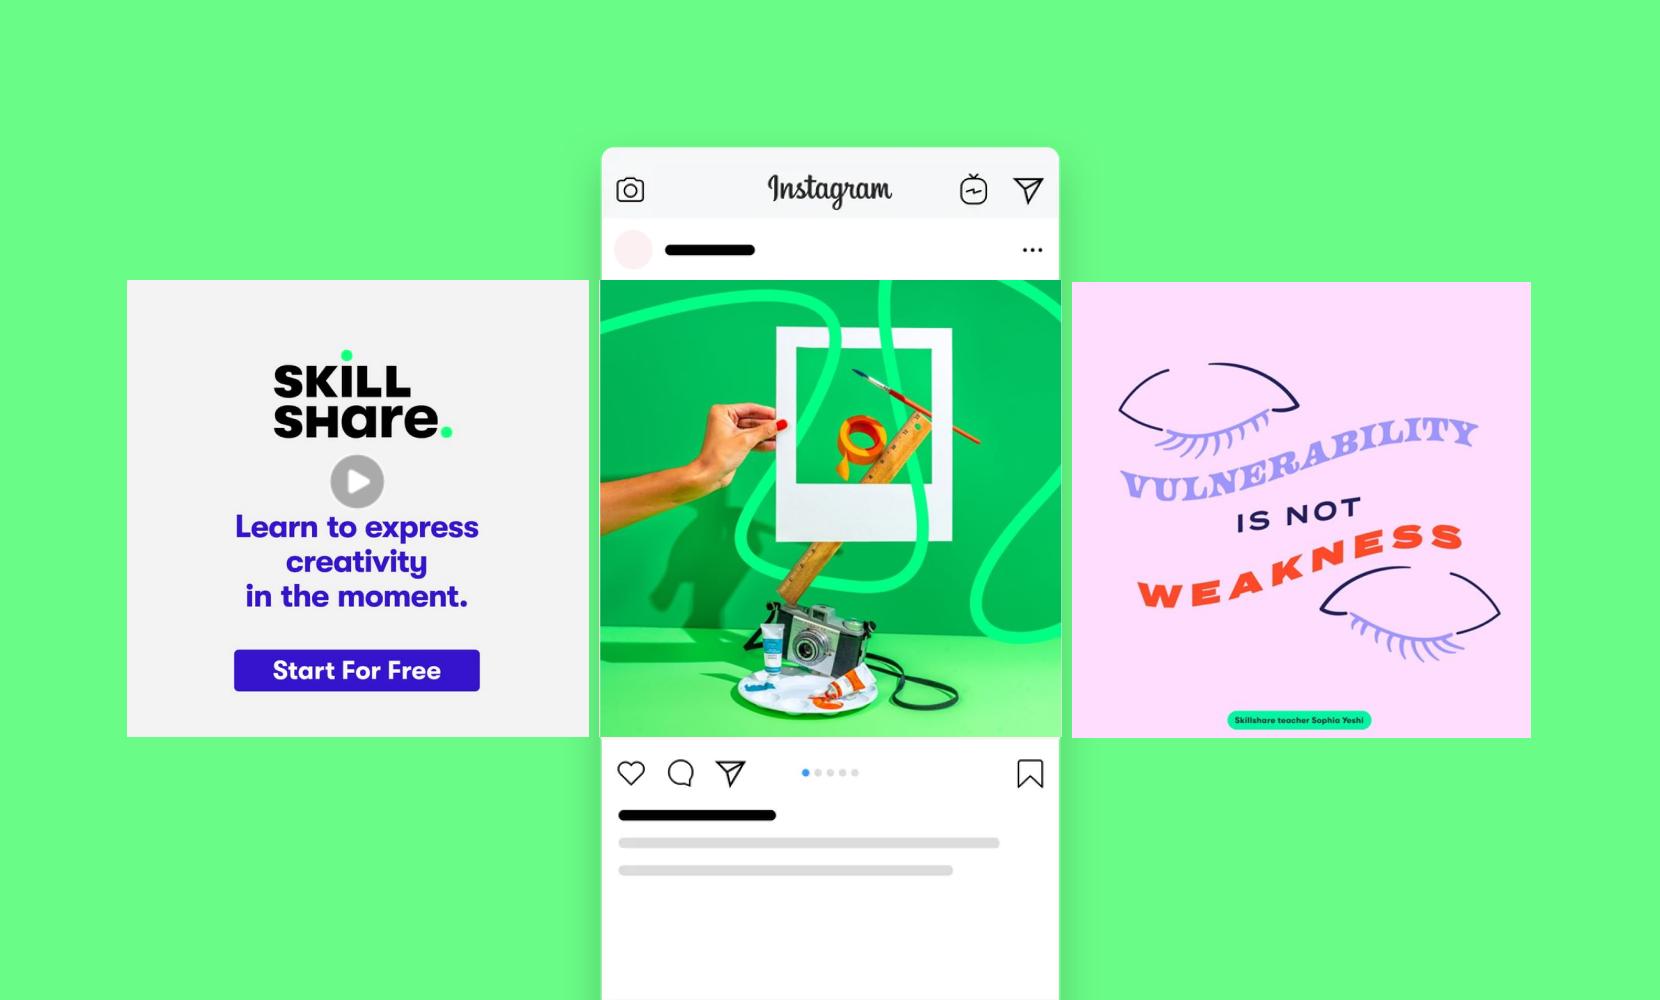 skillshare education ads design inspiration